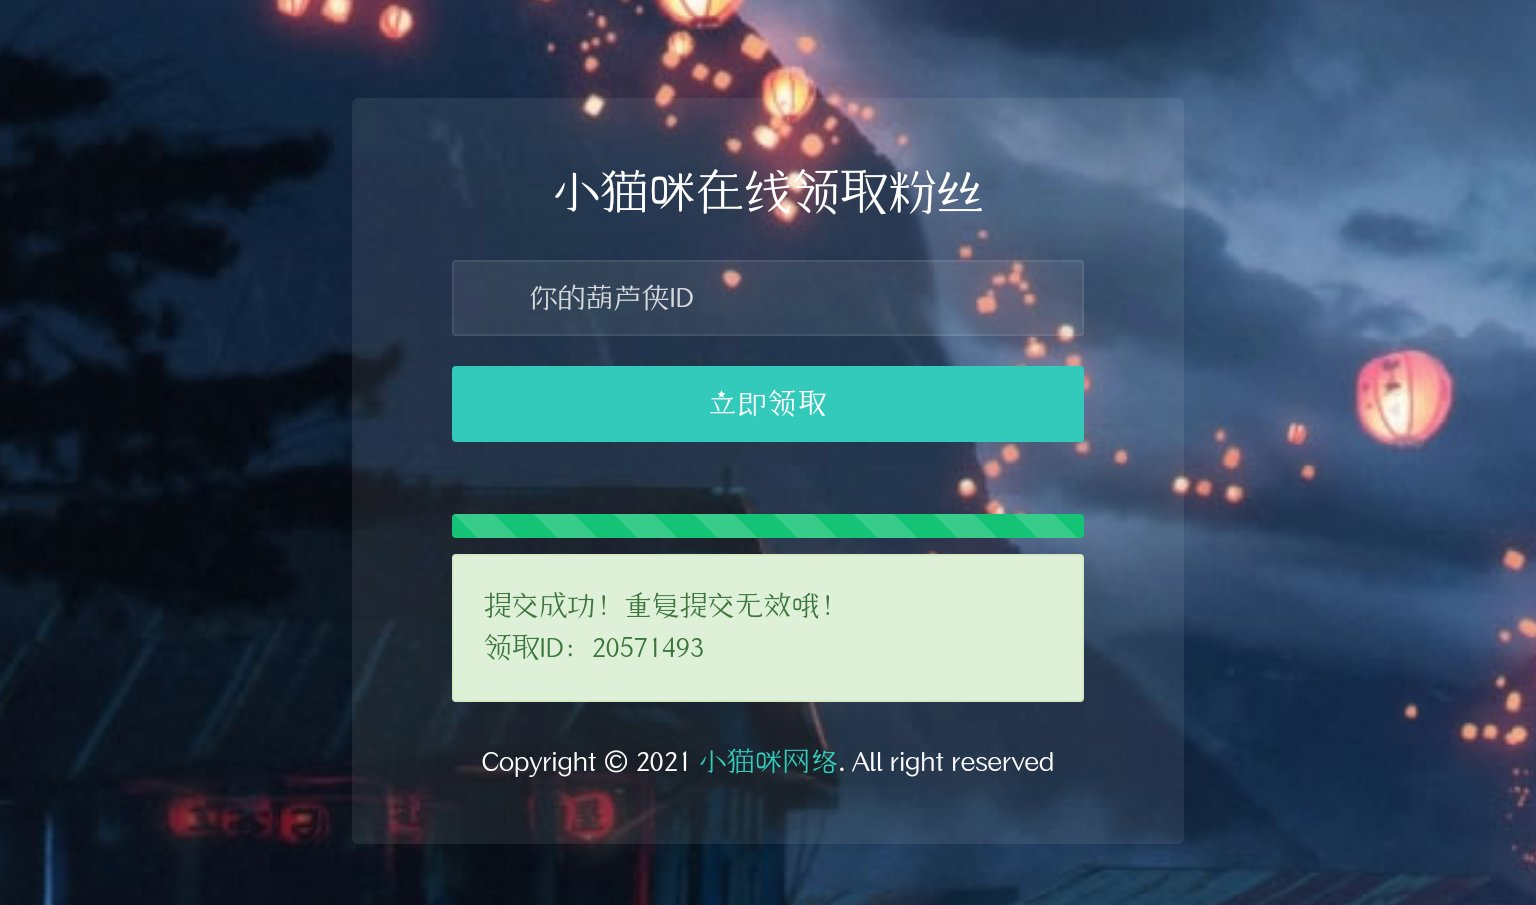 【源码分享】原创在线领取葫芦粉丝源码+抓包获取葫芦侠id教程